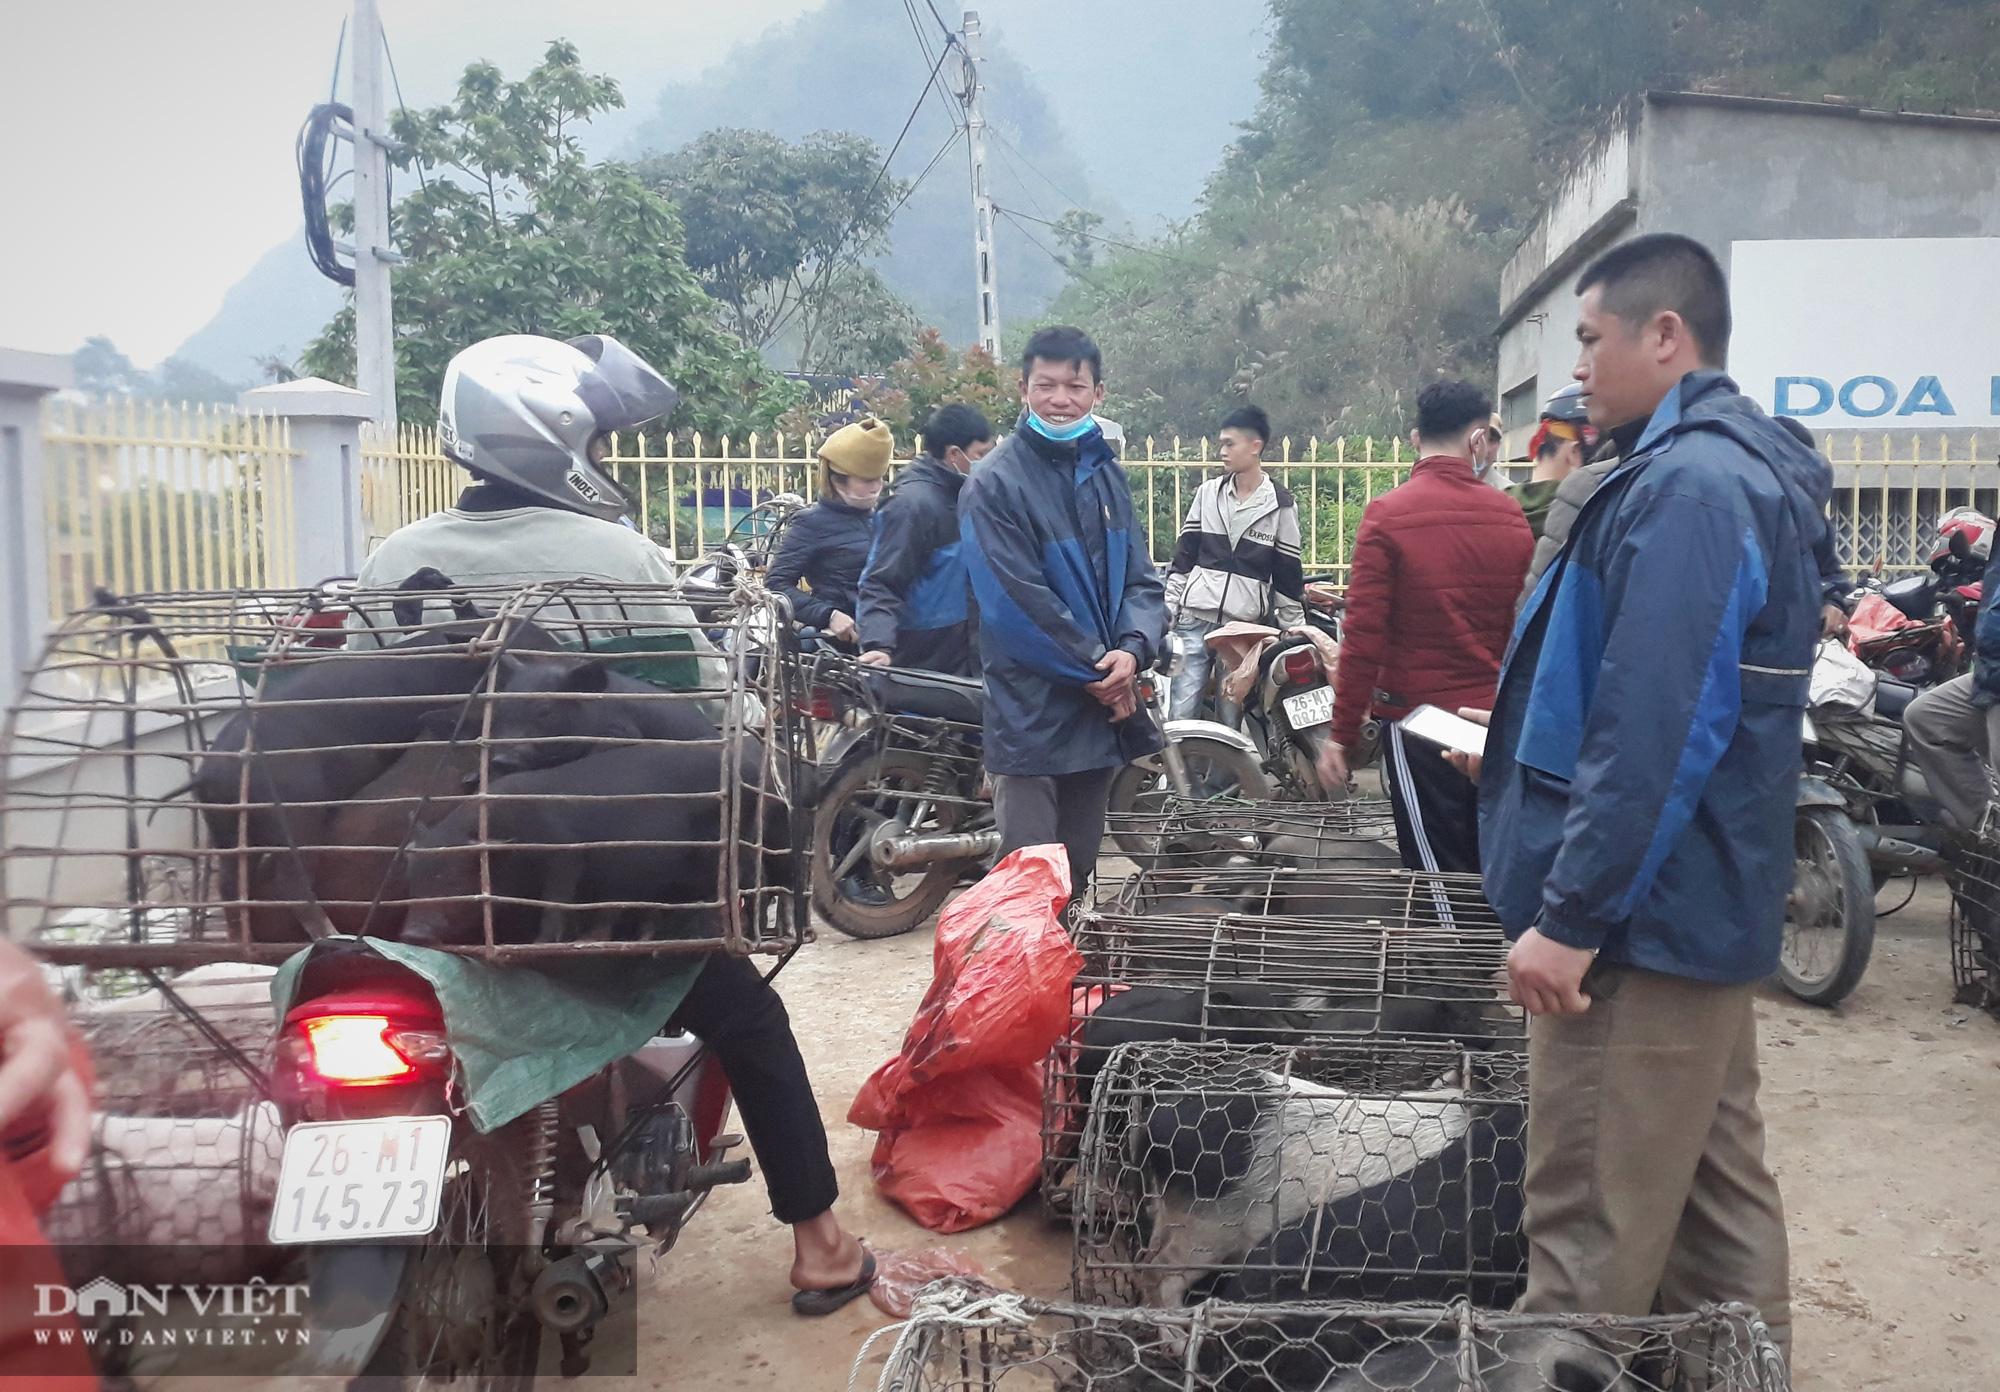 """Đi chợ phiên Muổi Nọi """"săn"""" thứ lợn đặc sản bé tý, côn trùng và rau rừng - Ảnh 2."""